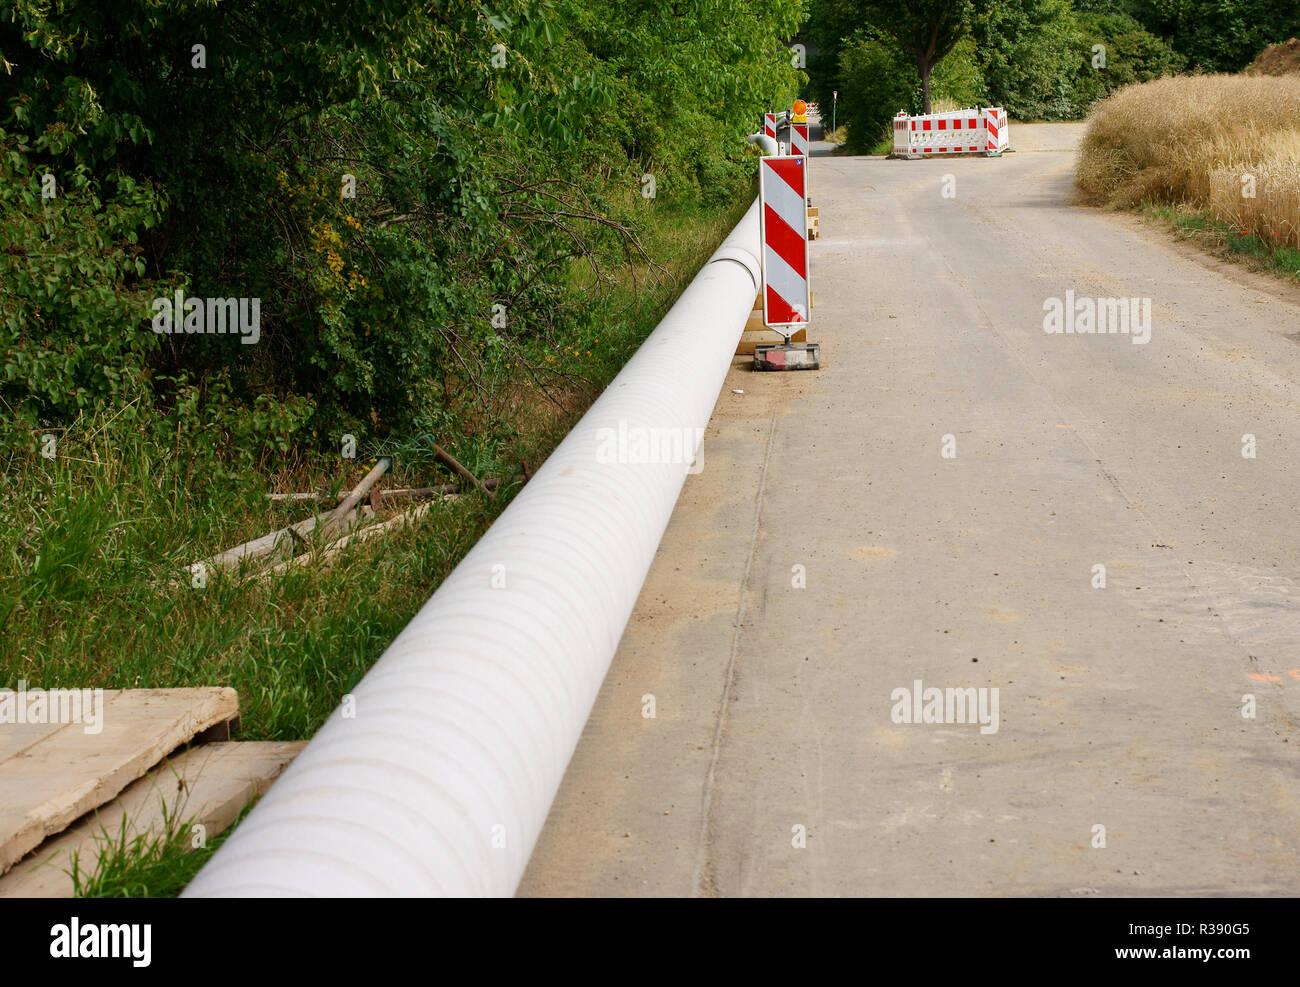 Barrera de carretera Foto de stock